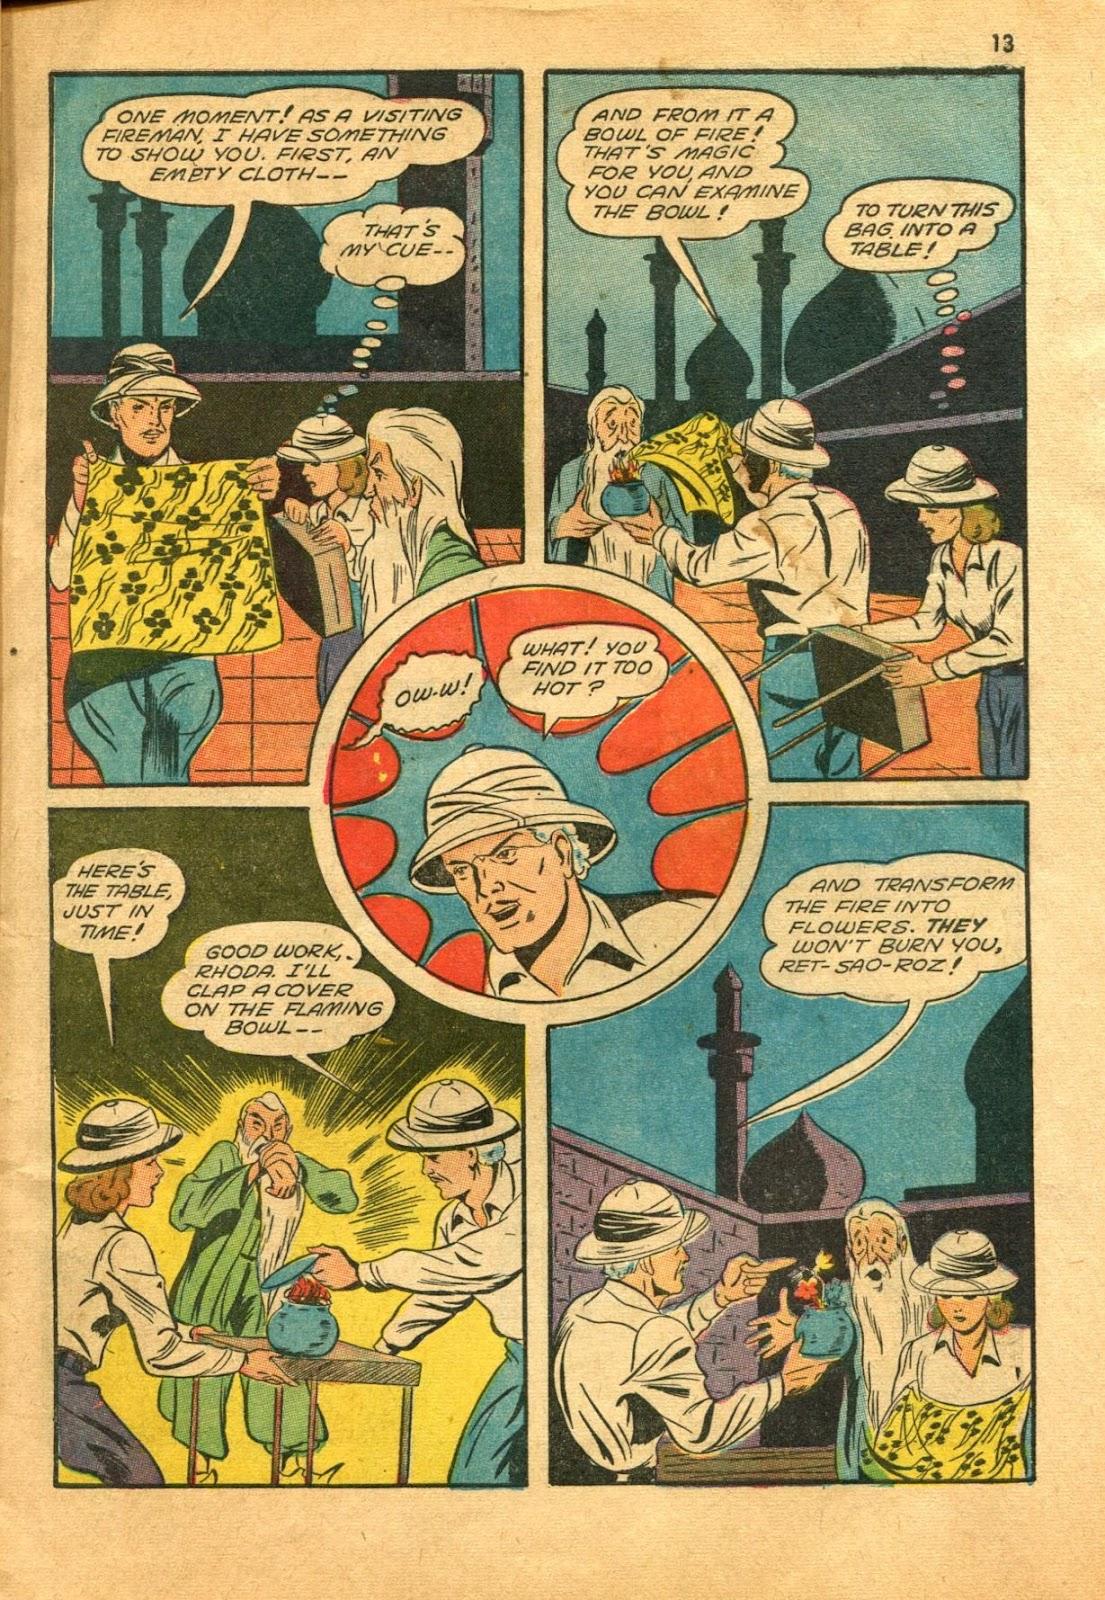 Read online Super-Magician Comics comic -  Issue #11 - 13